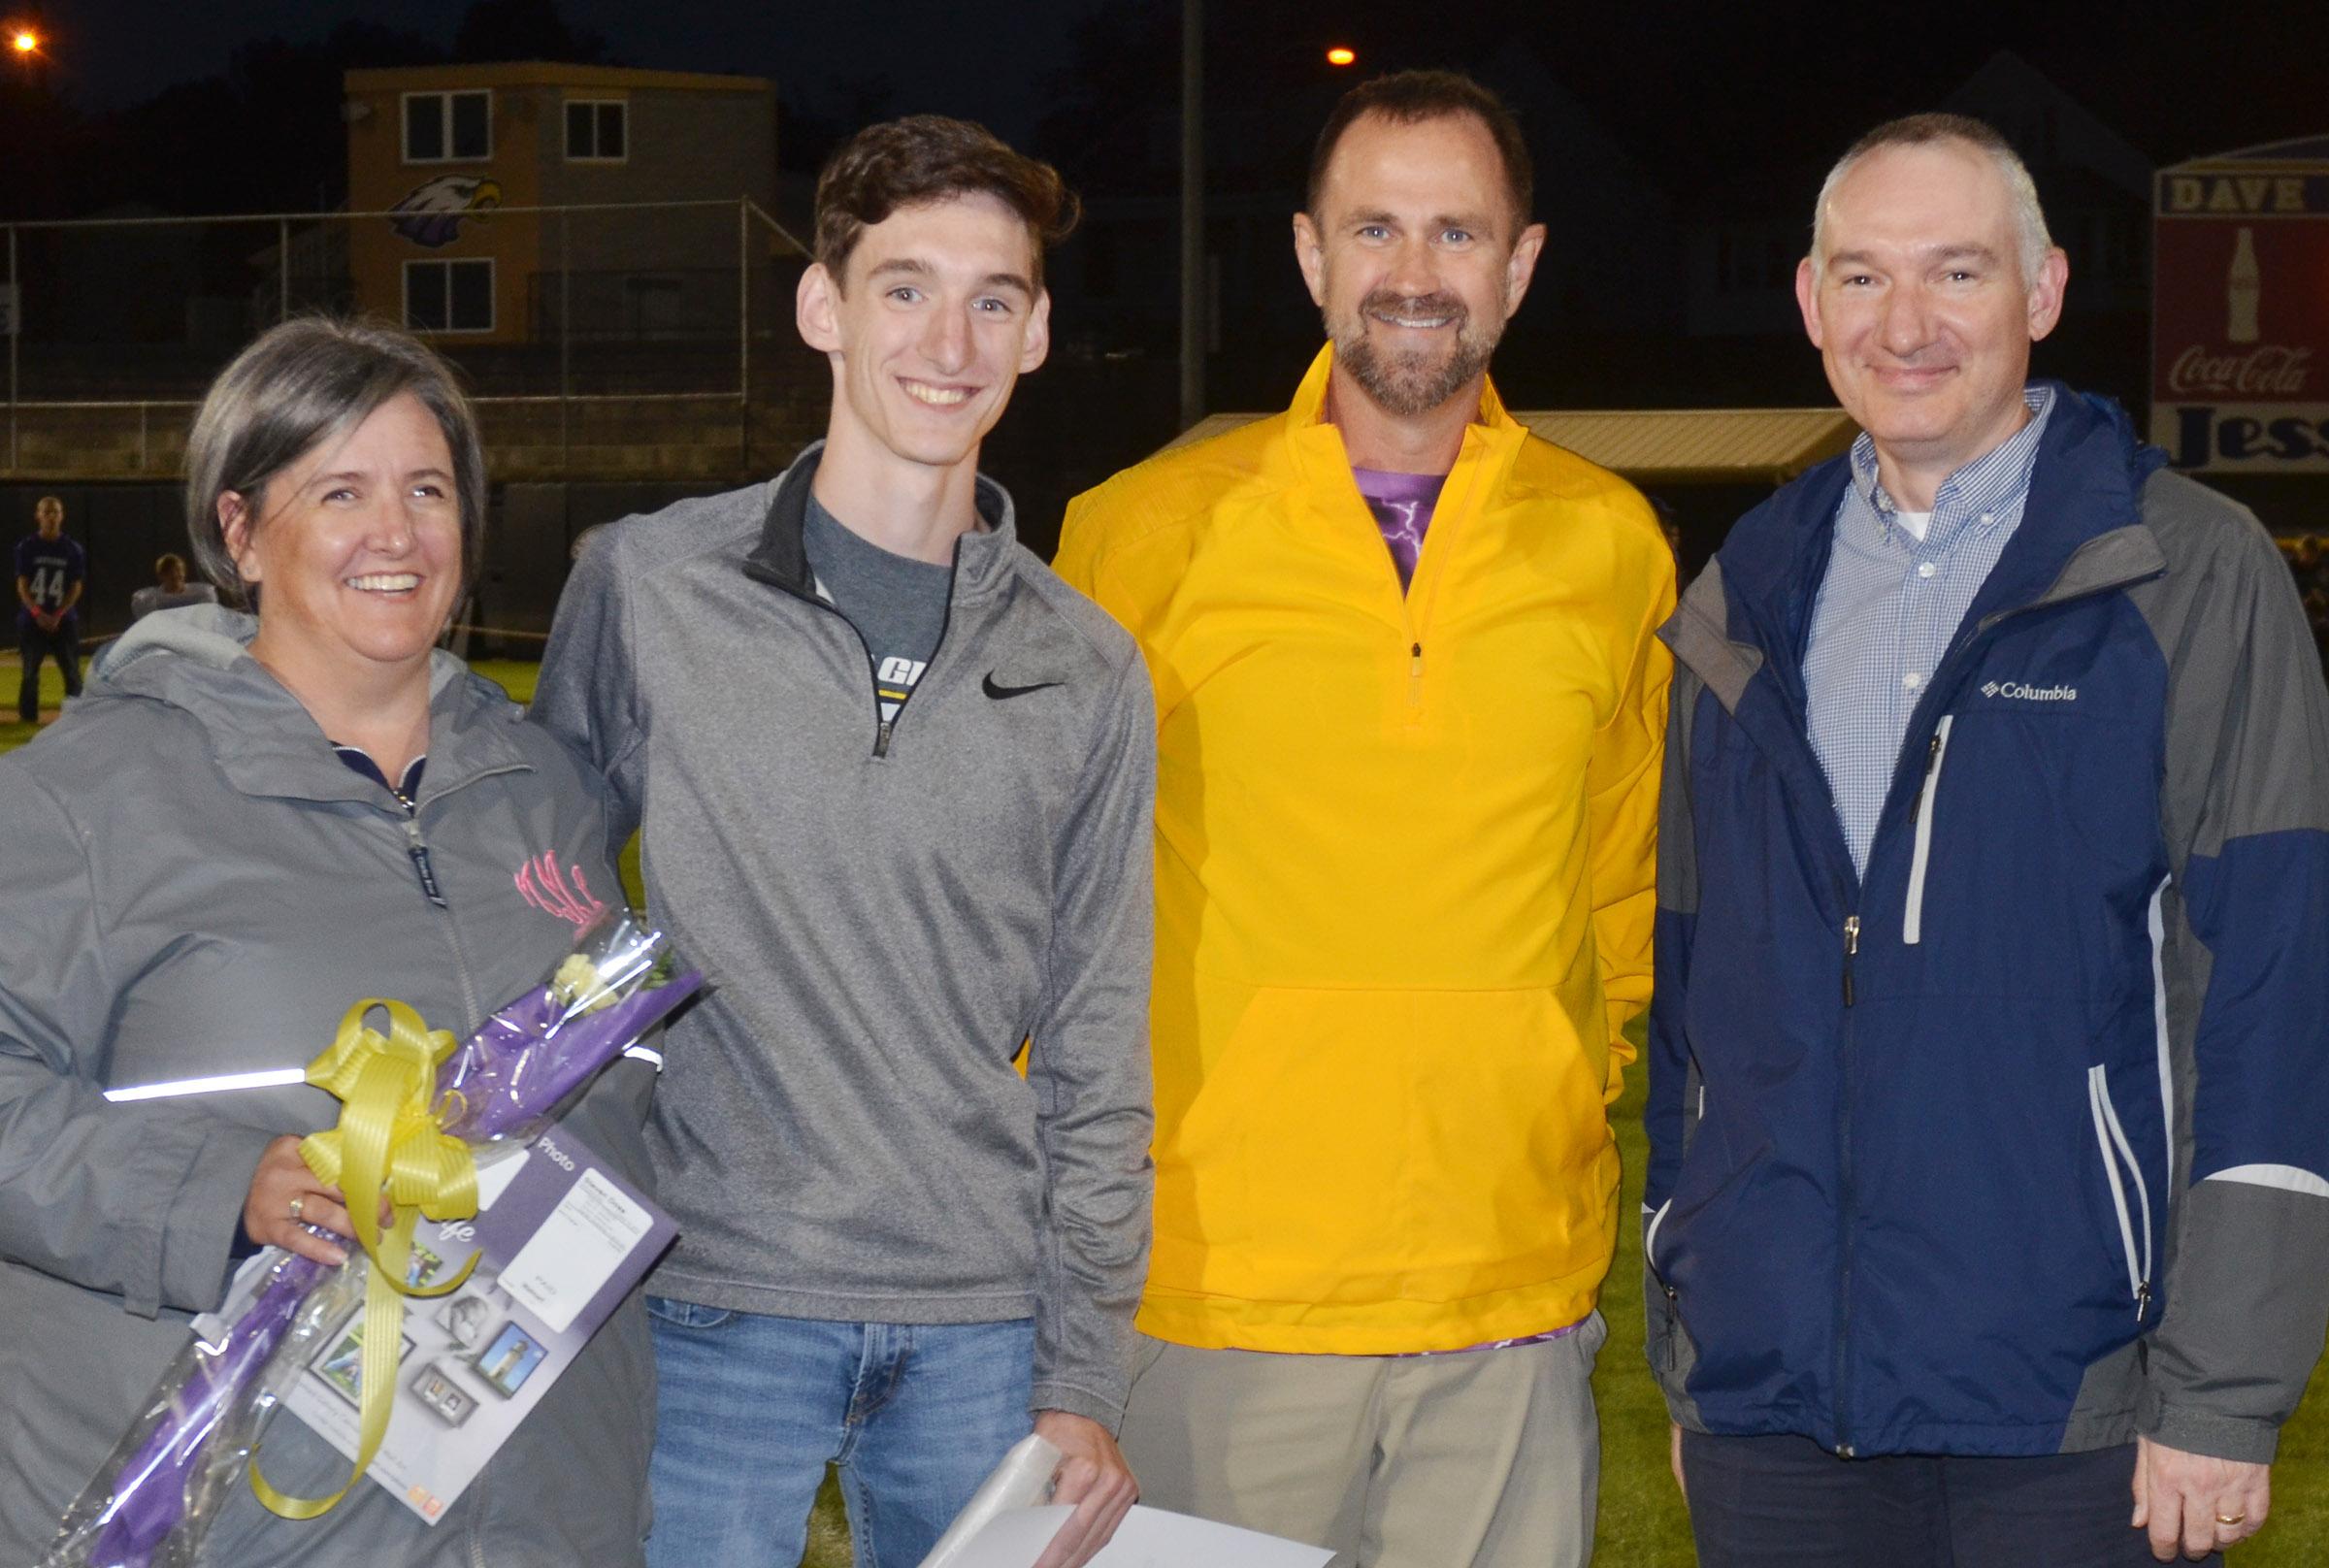 CHS senior cross country runner honored